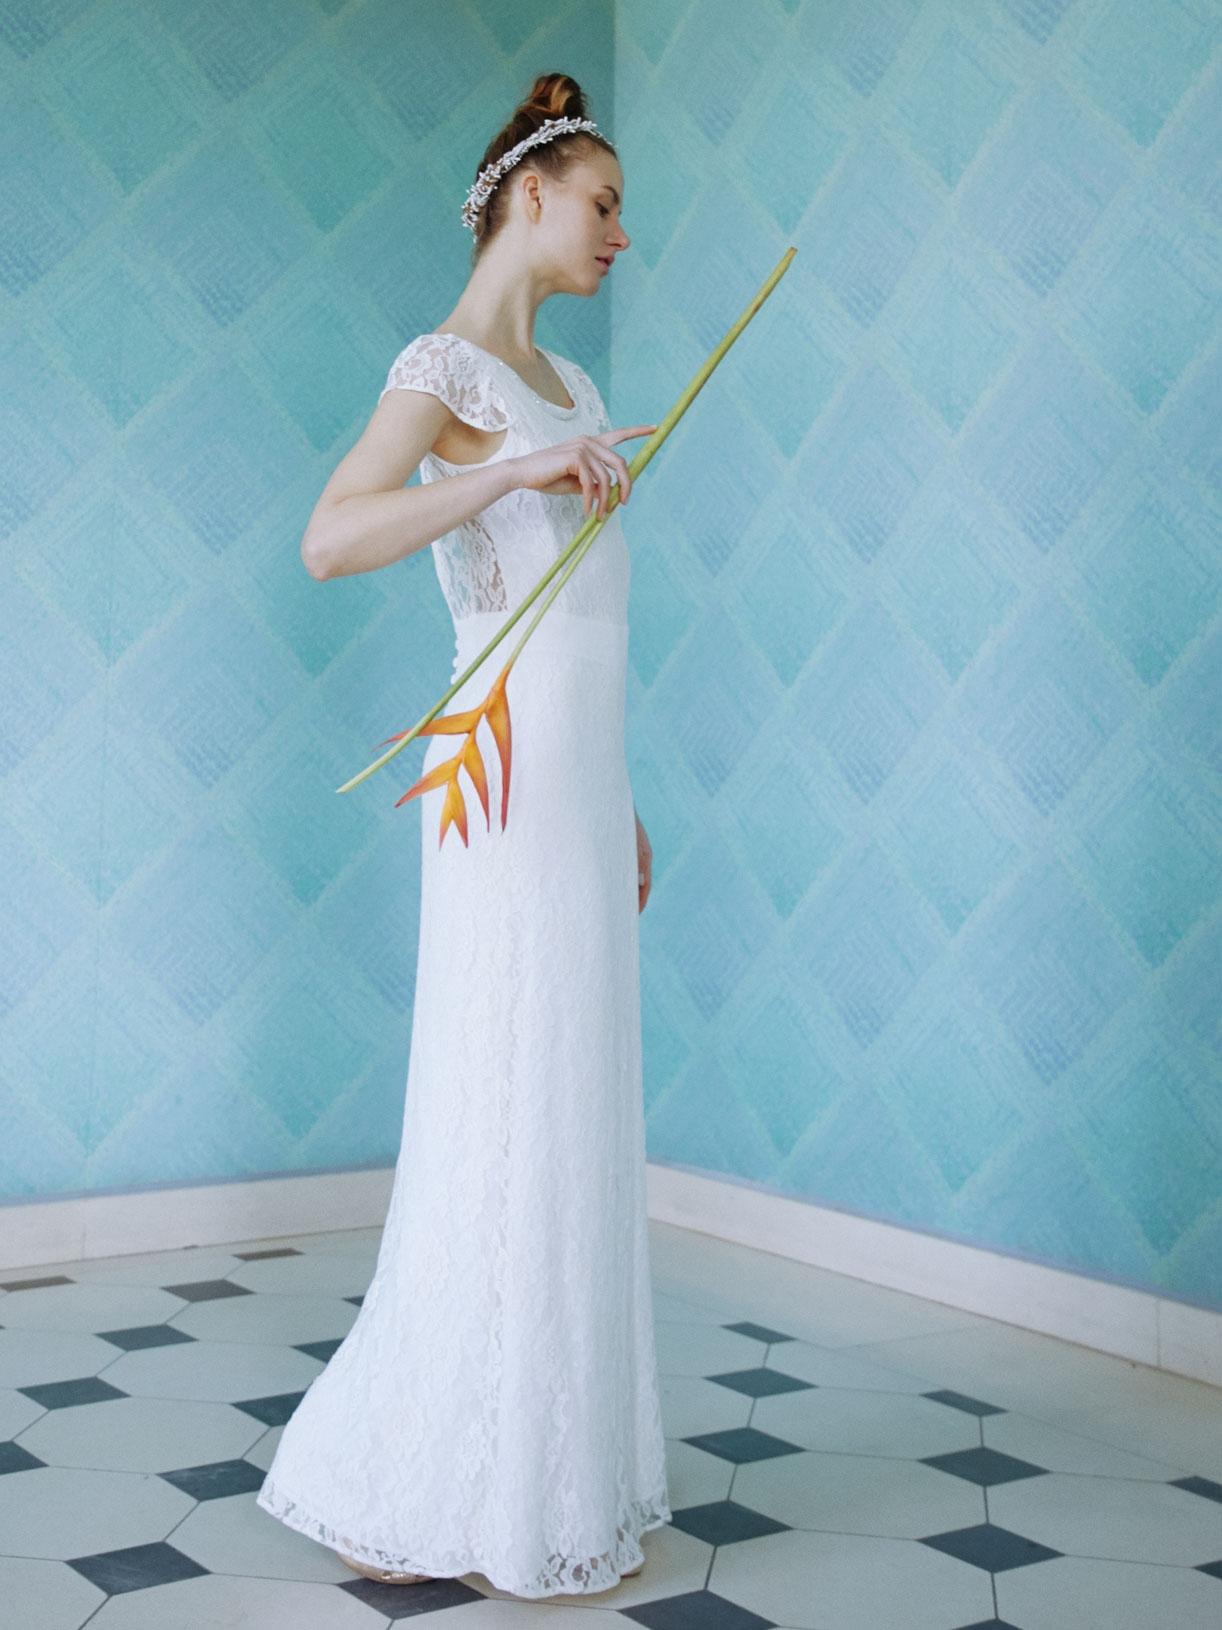 LOUISE - Robe de mariée sirène avec dos-nu en dentelle - Créatrice de robes de mariée sur-mesure éthique et bio sur Paris - Myphilosophy